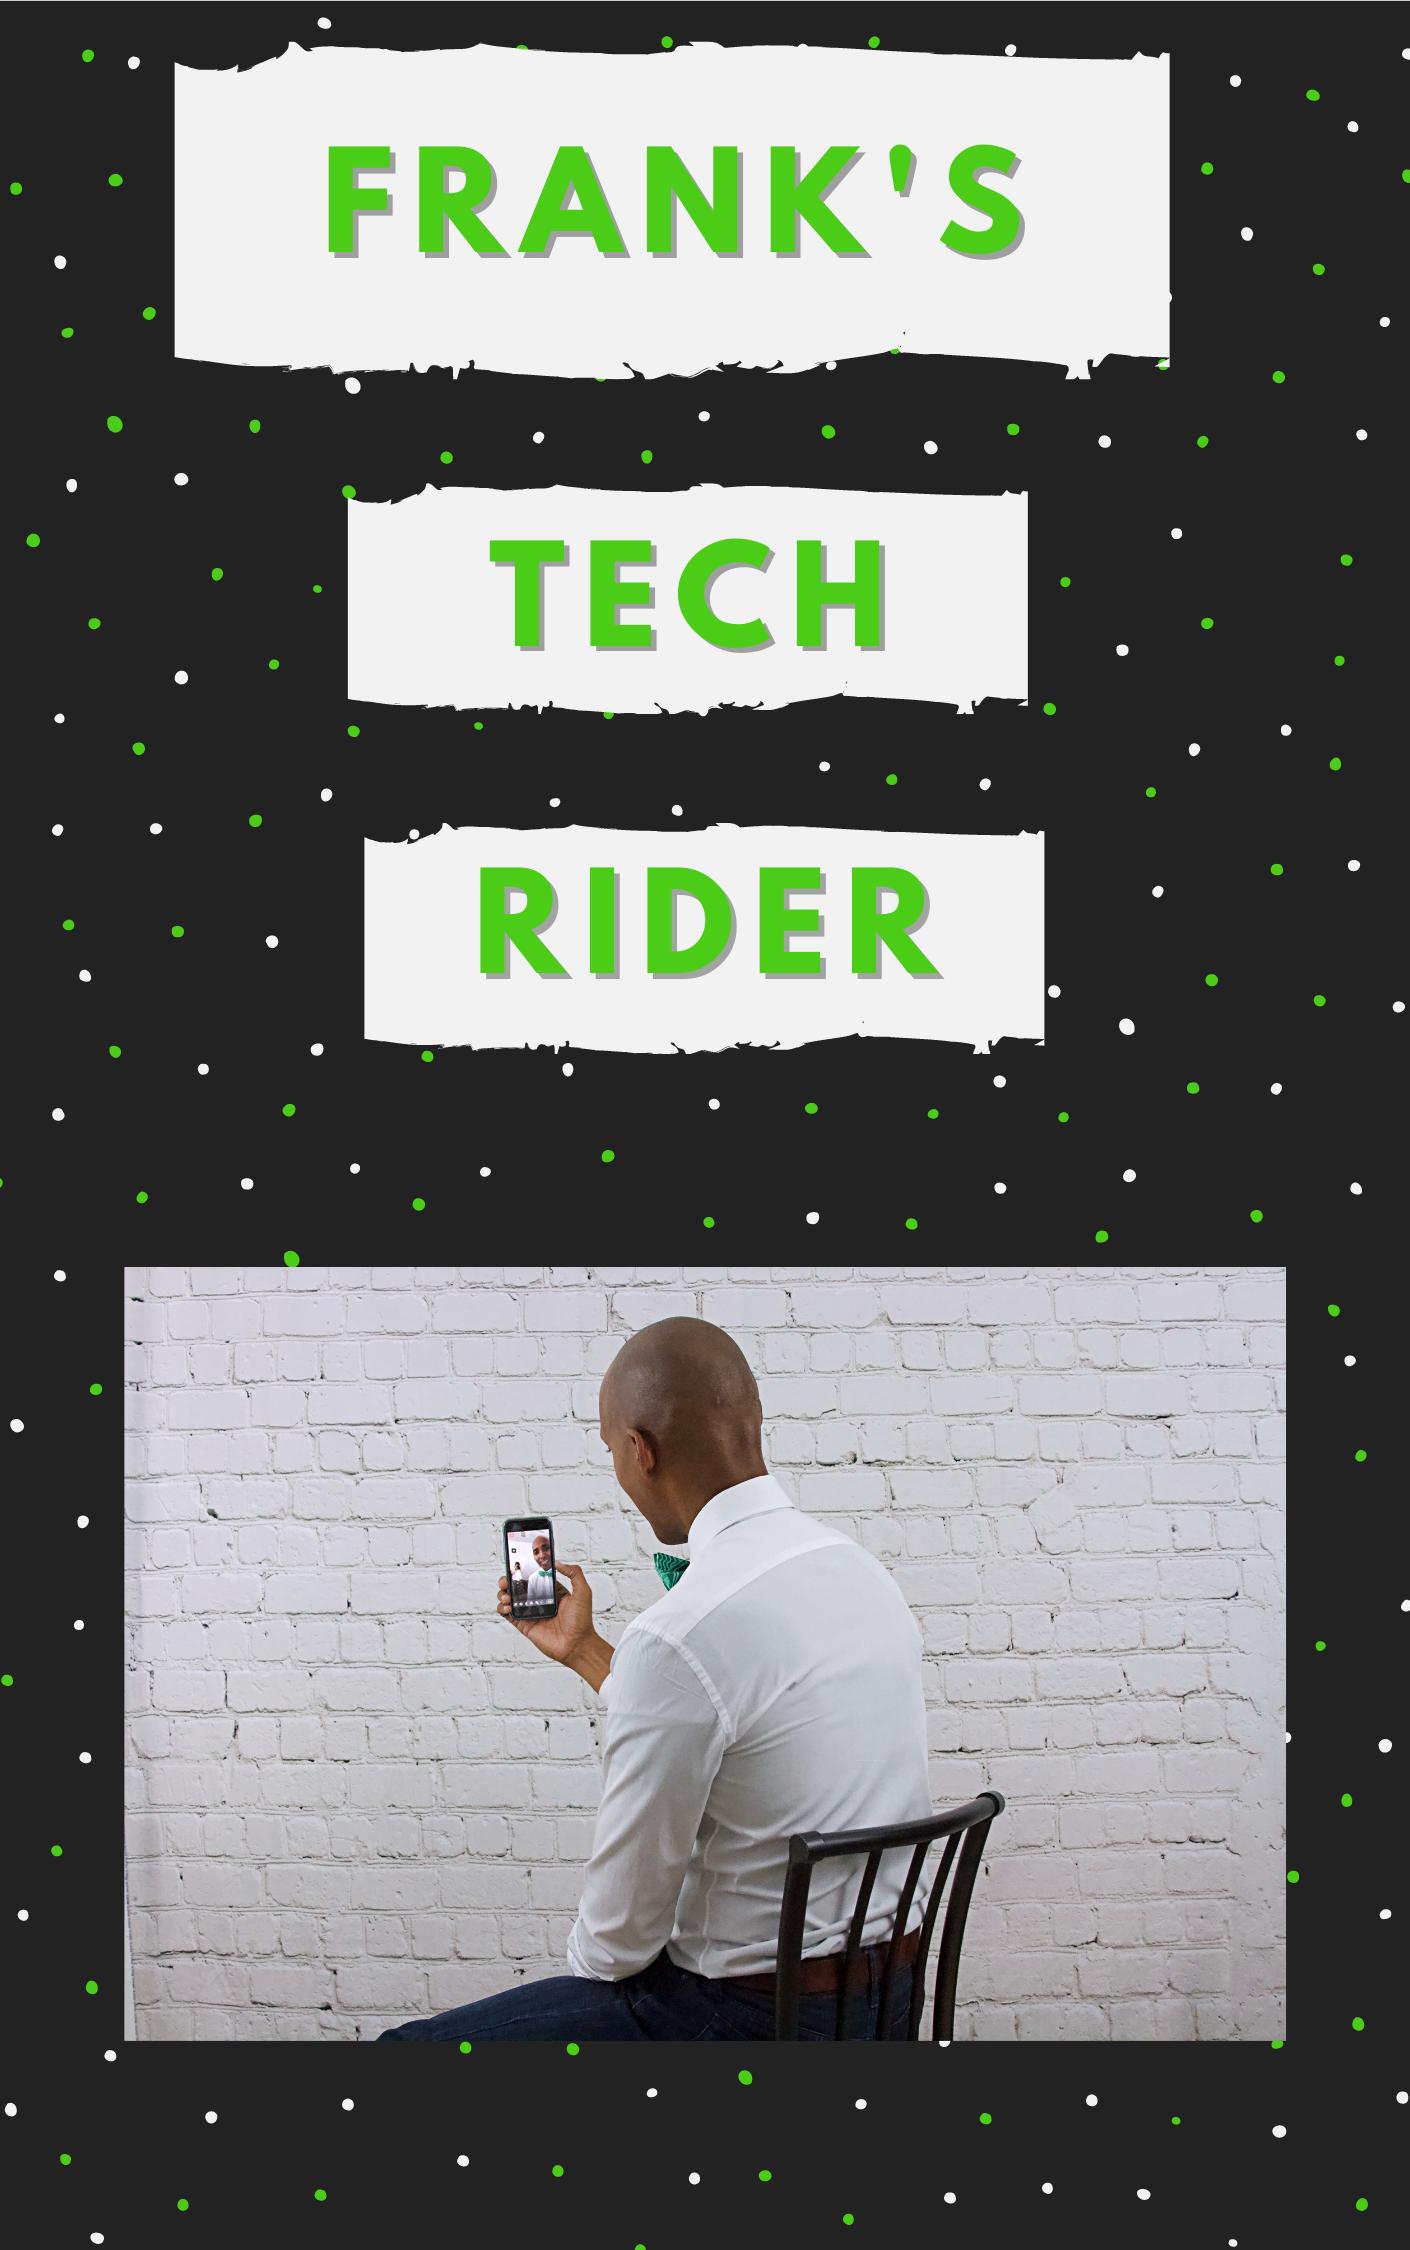 Frank Kitchen's Tech Rider